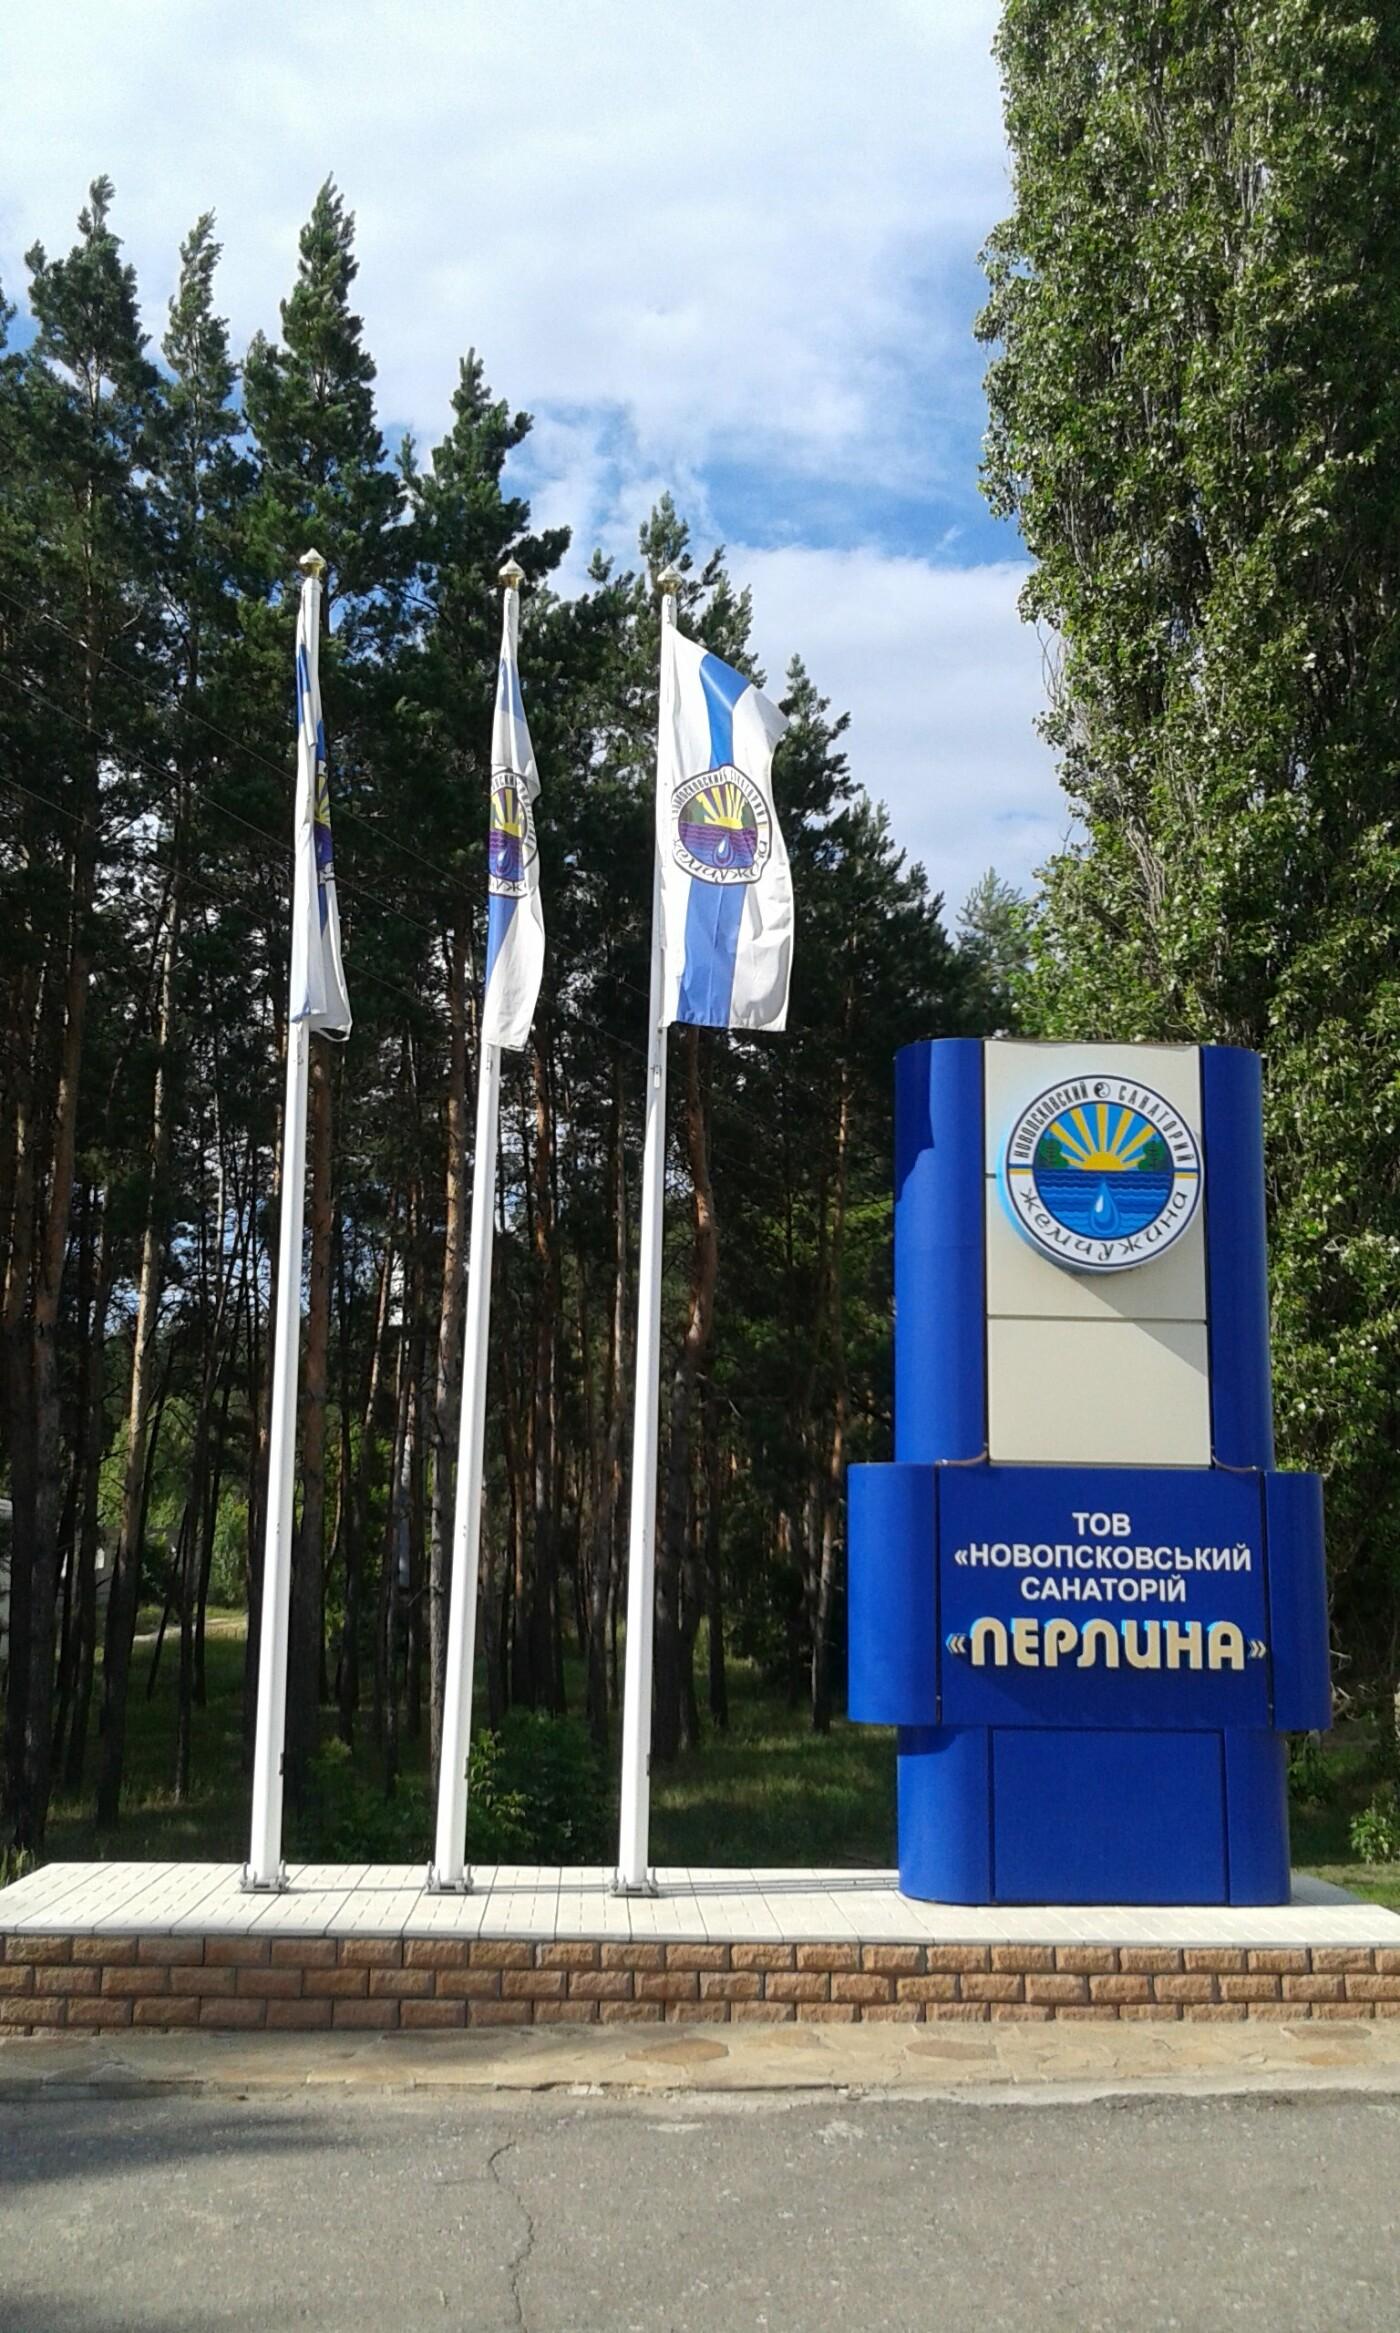 Настоящая «Жемчужина»: в санатории Луганщины применяют уникальные методы лечения, фото-1